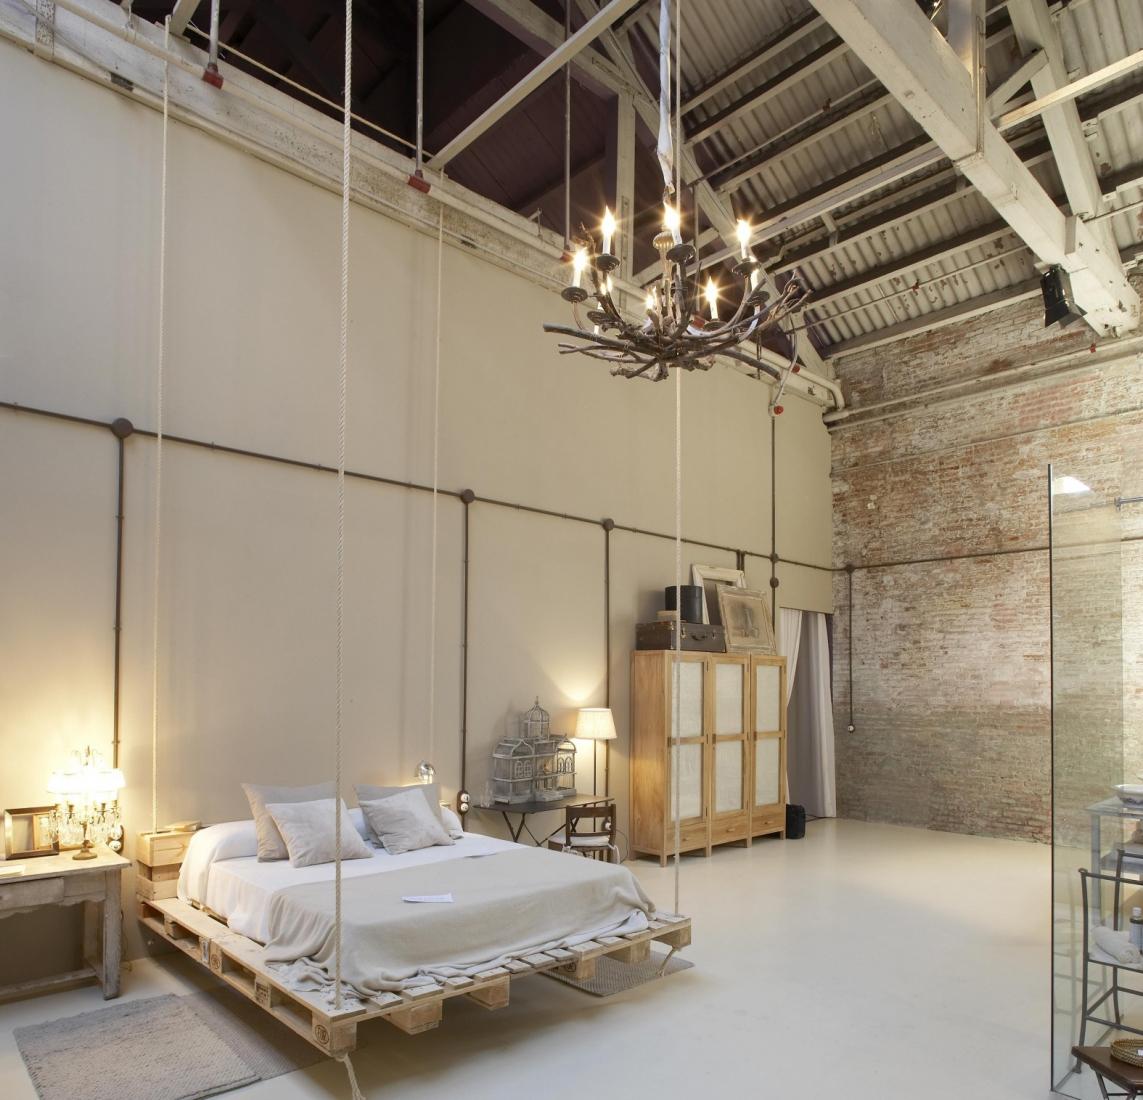 Подвесная кровать из поддонов в интерьере